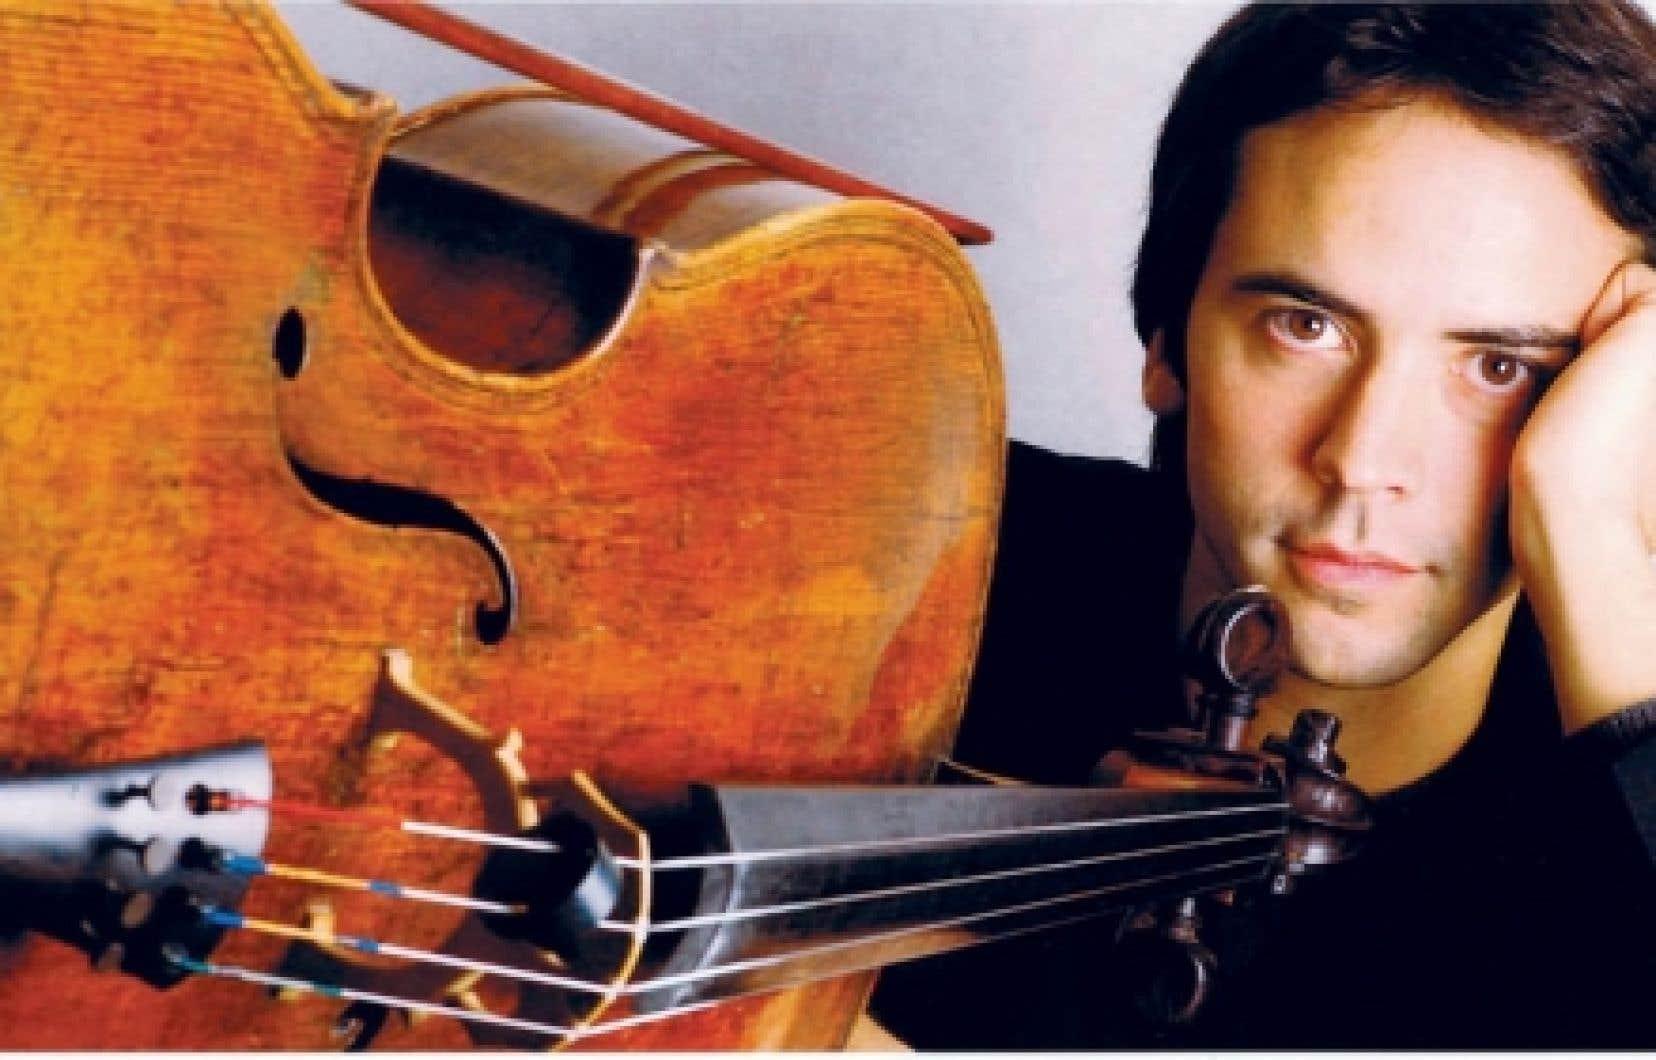 Le violoncelliste Jean-Guihen Queyras est né à Montréal en 1967.